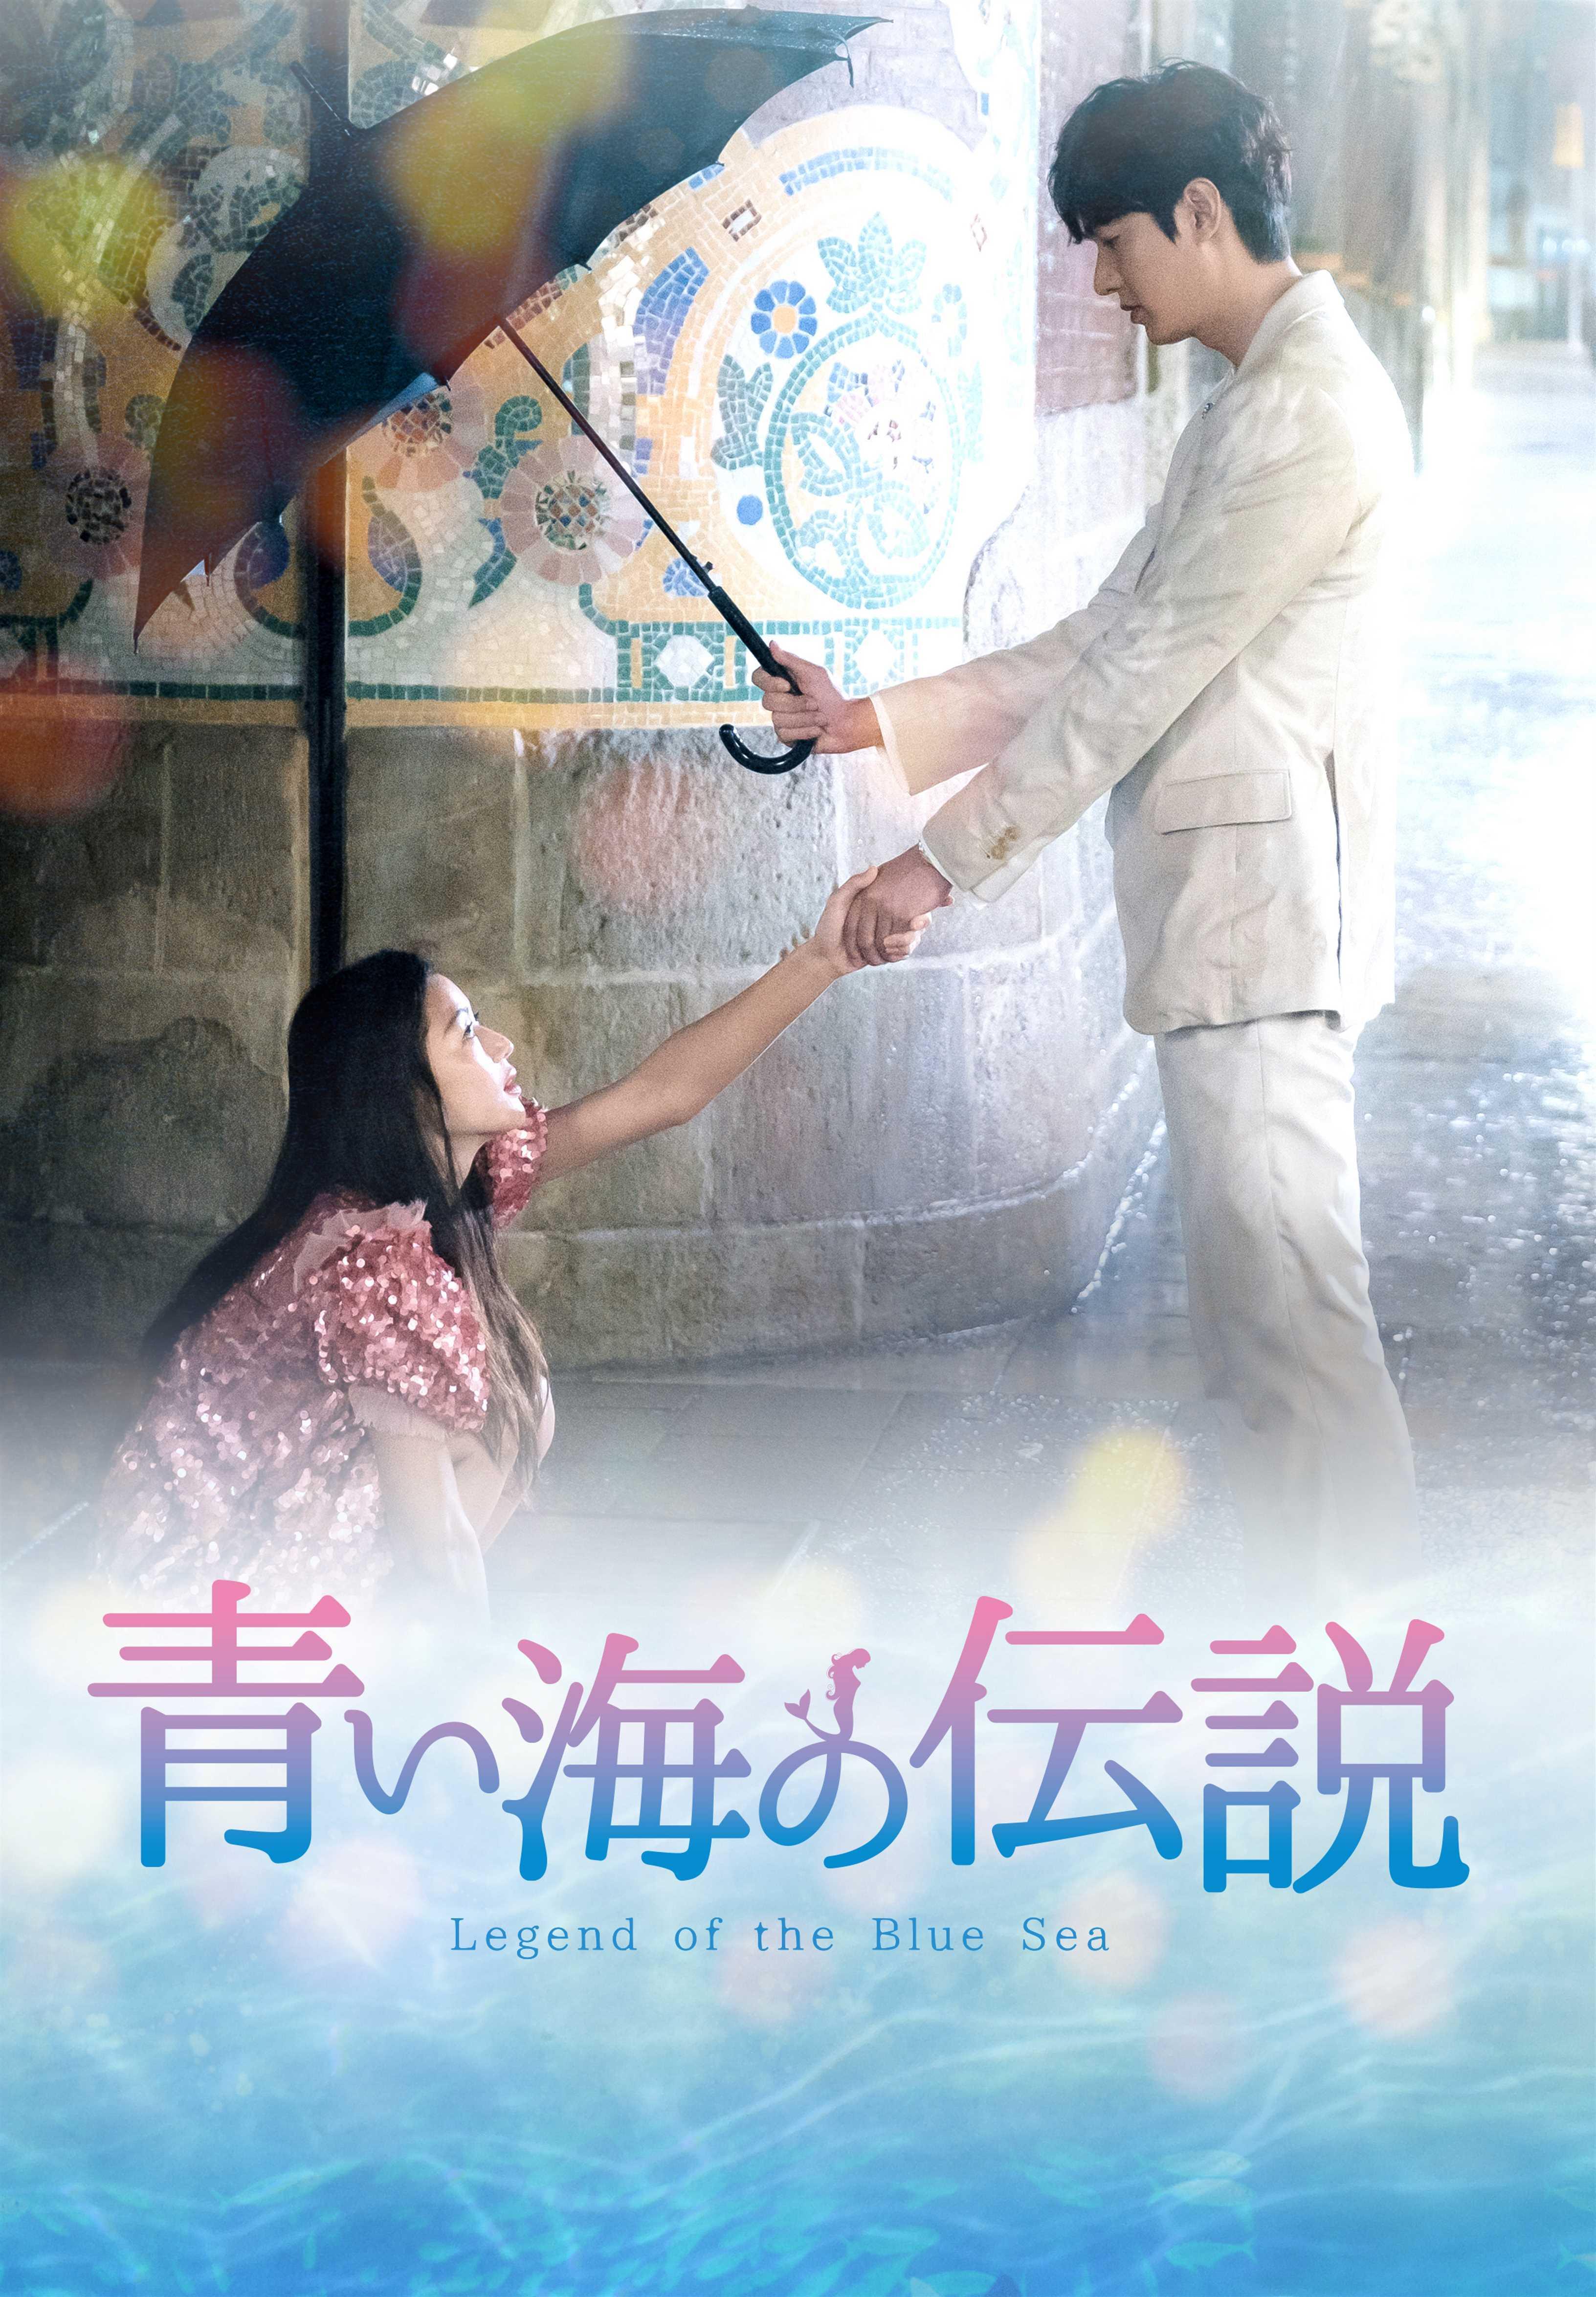 王道ファンタジーラブコメ「青い海の伝説」の シン・ウォンホ(CROSS GENE)さんインタビュー_1_8